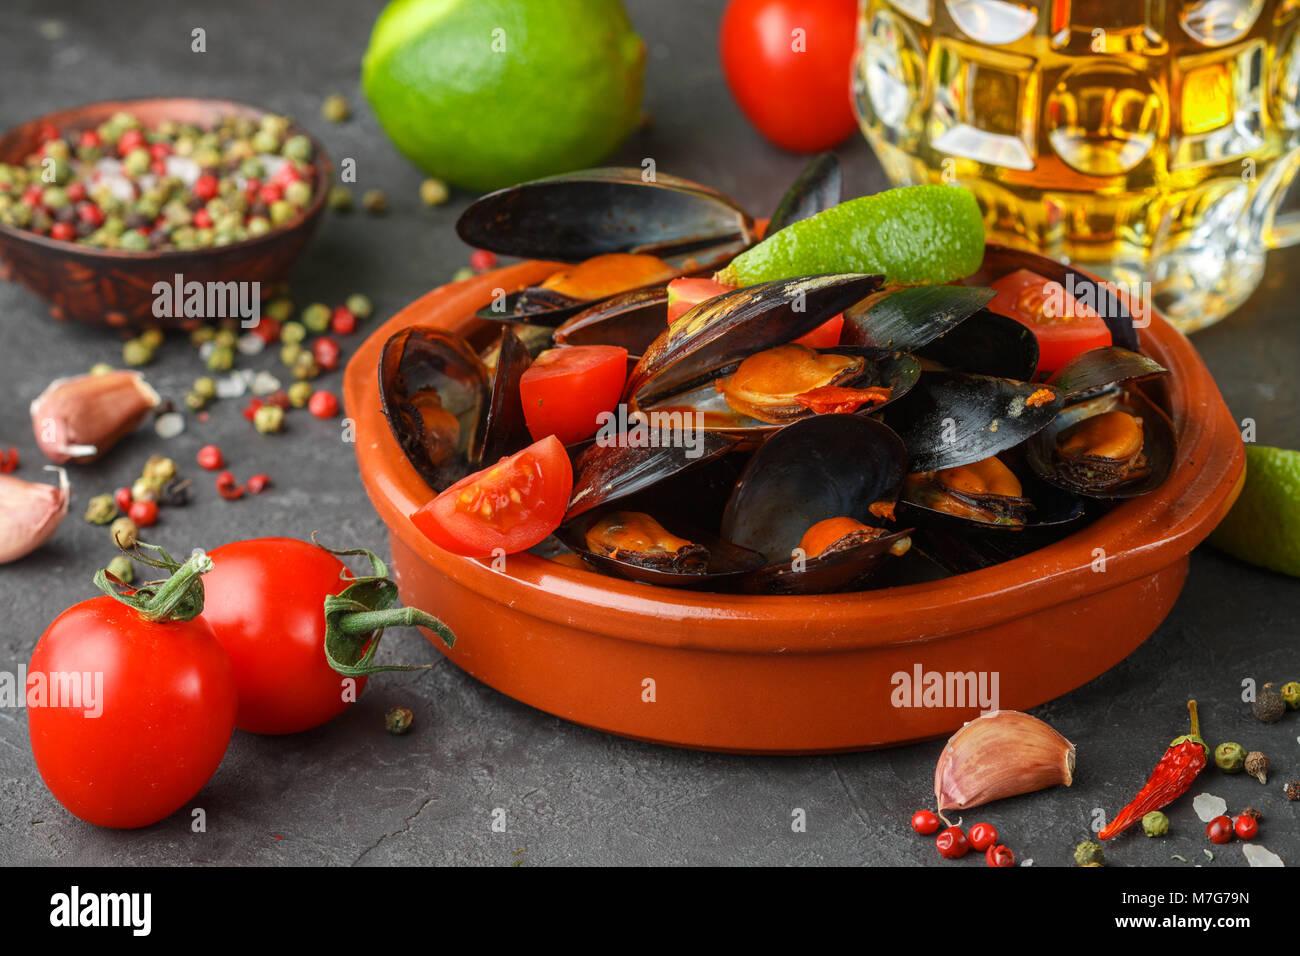 Les moules en coquilles avec tomates et sauce épicée de piments et l'ail. Délicieux en-cas à la bière. Des plats méditerranéens. Selective focus Banque D'Images